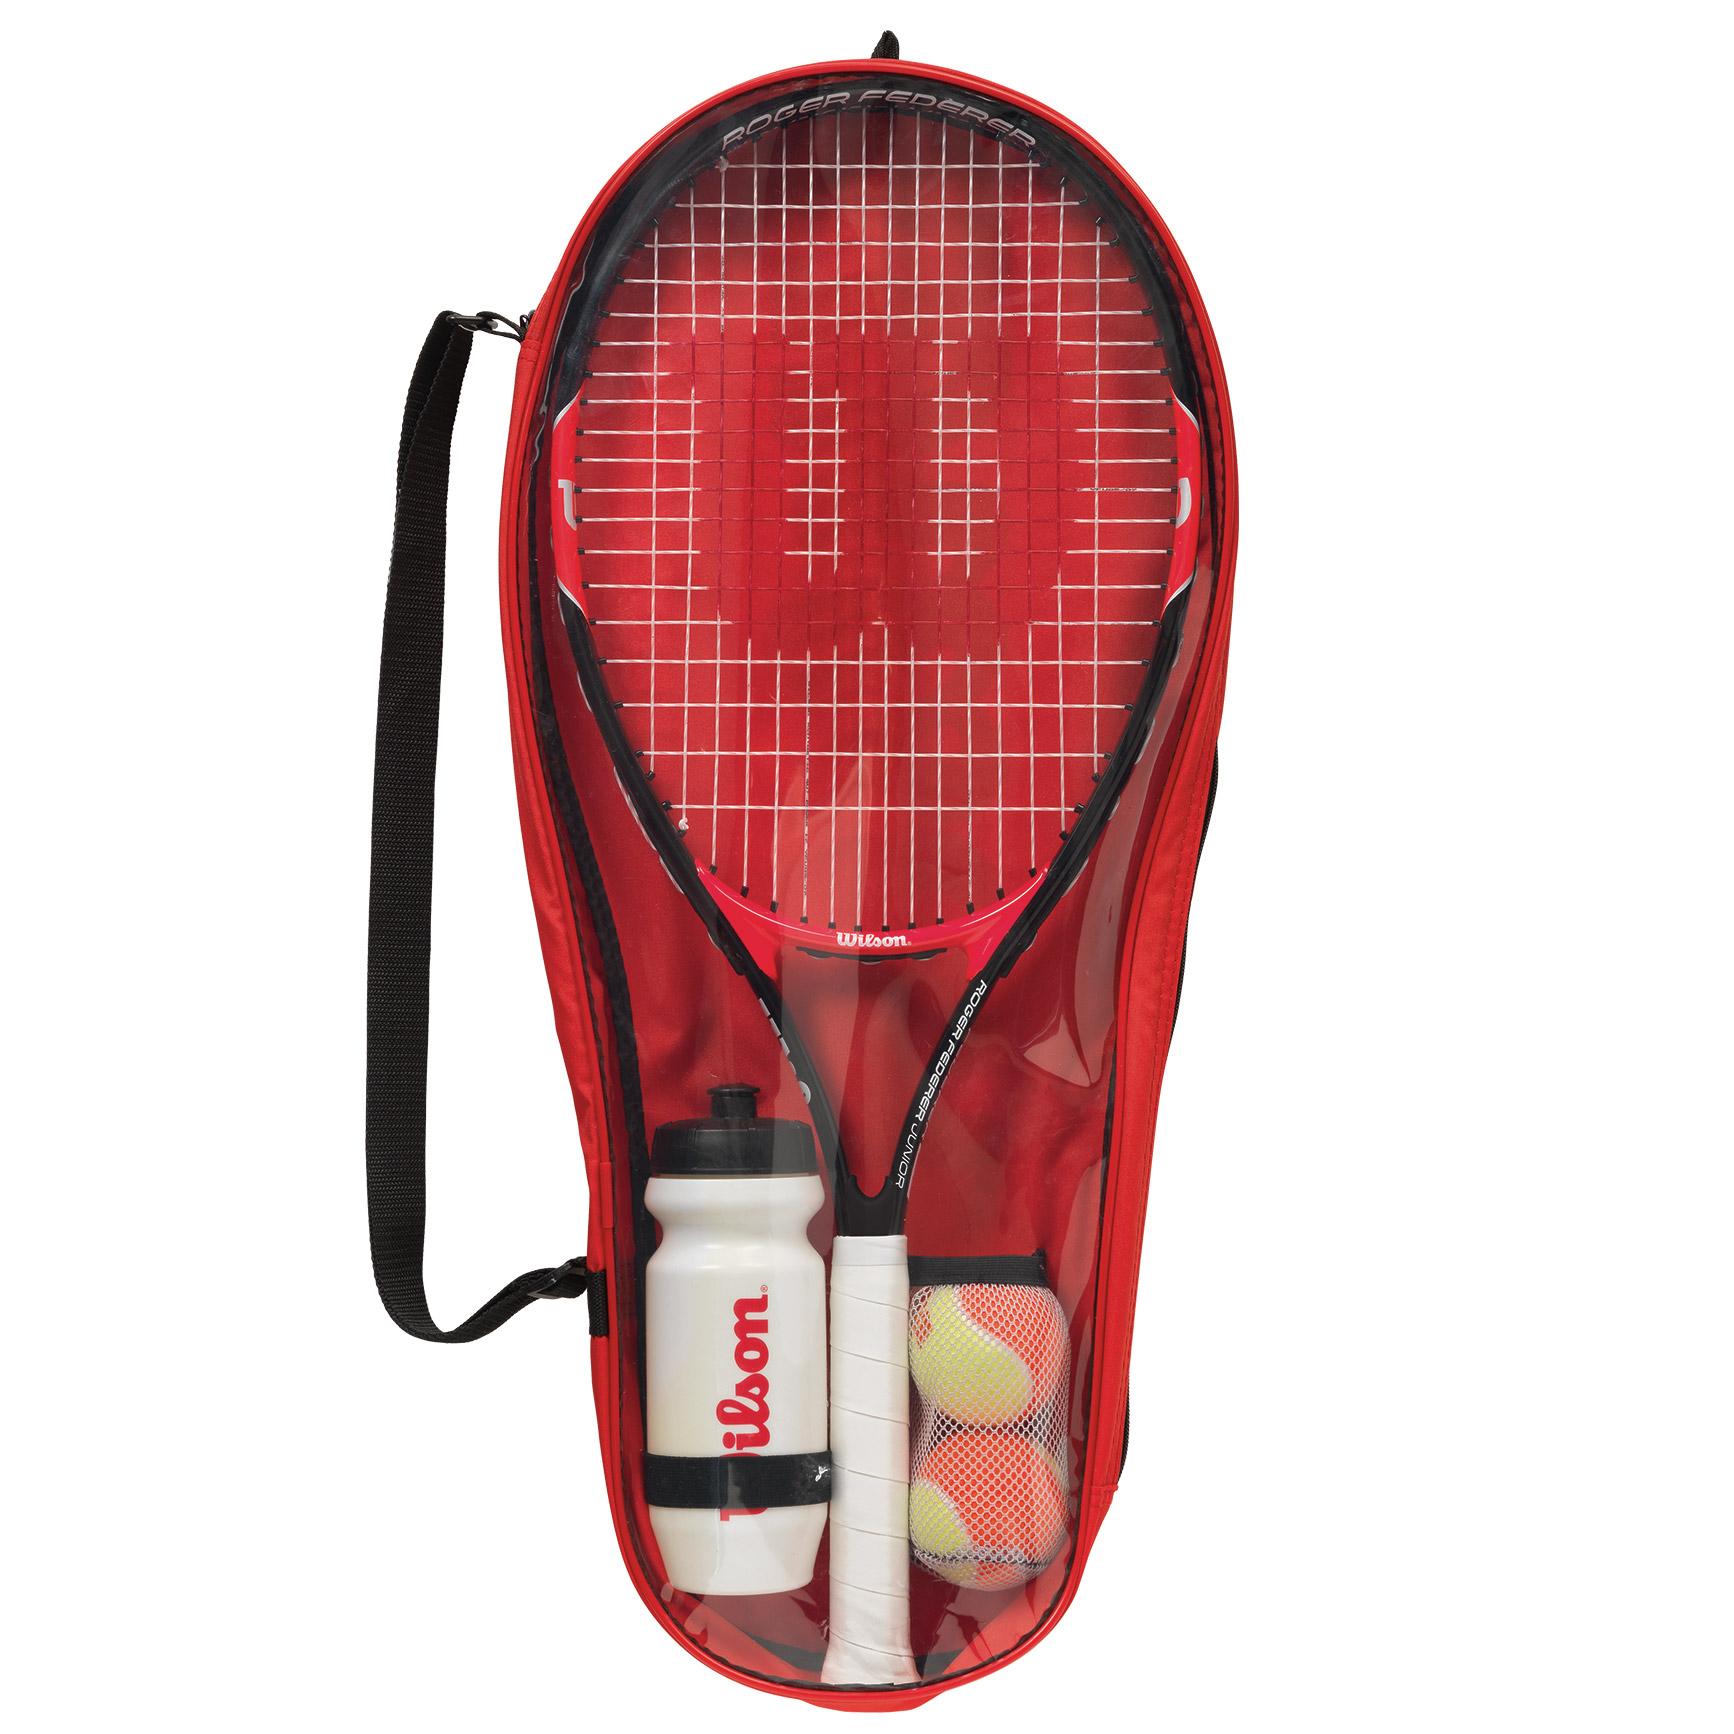 Wilson Roger Federer 25 Junior Tennis Starter Set